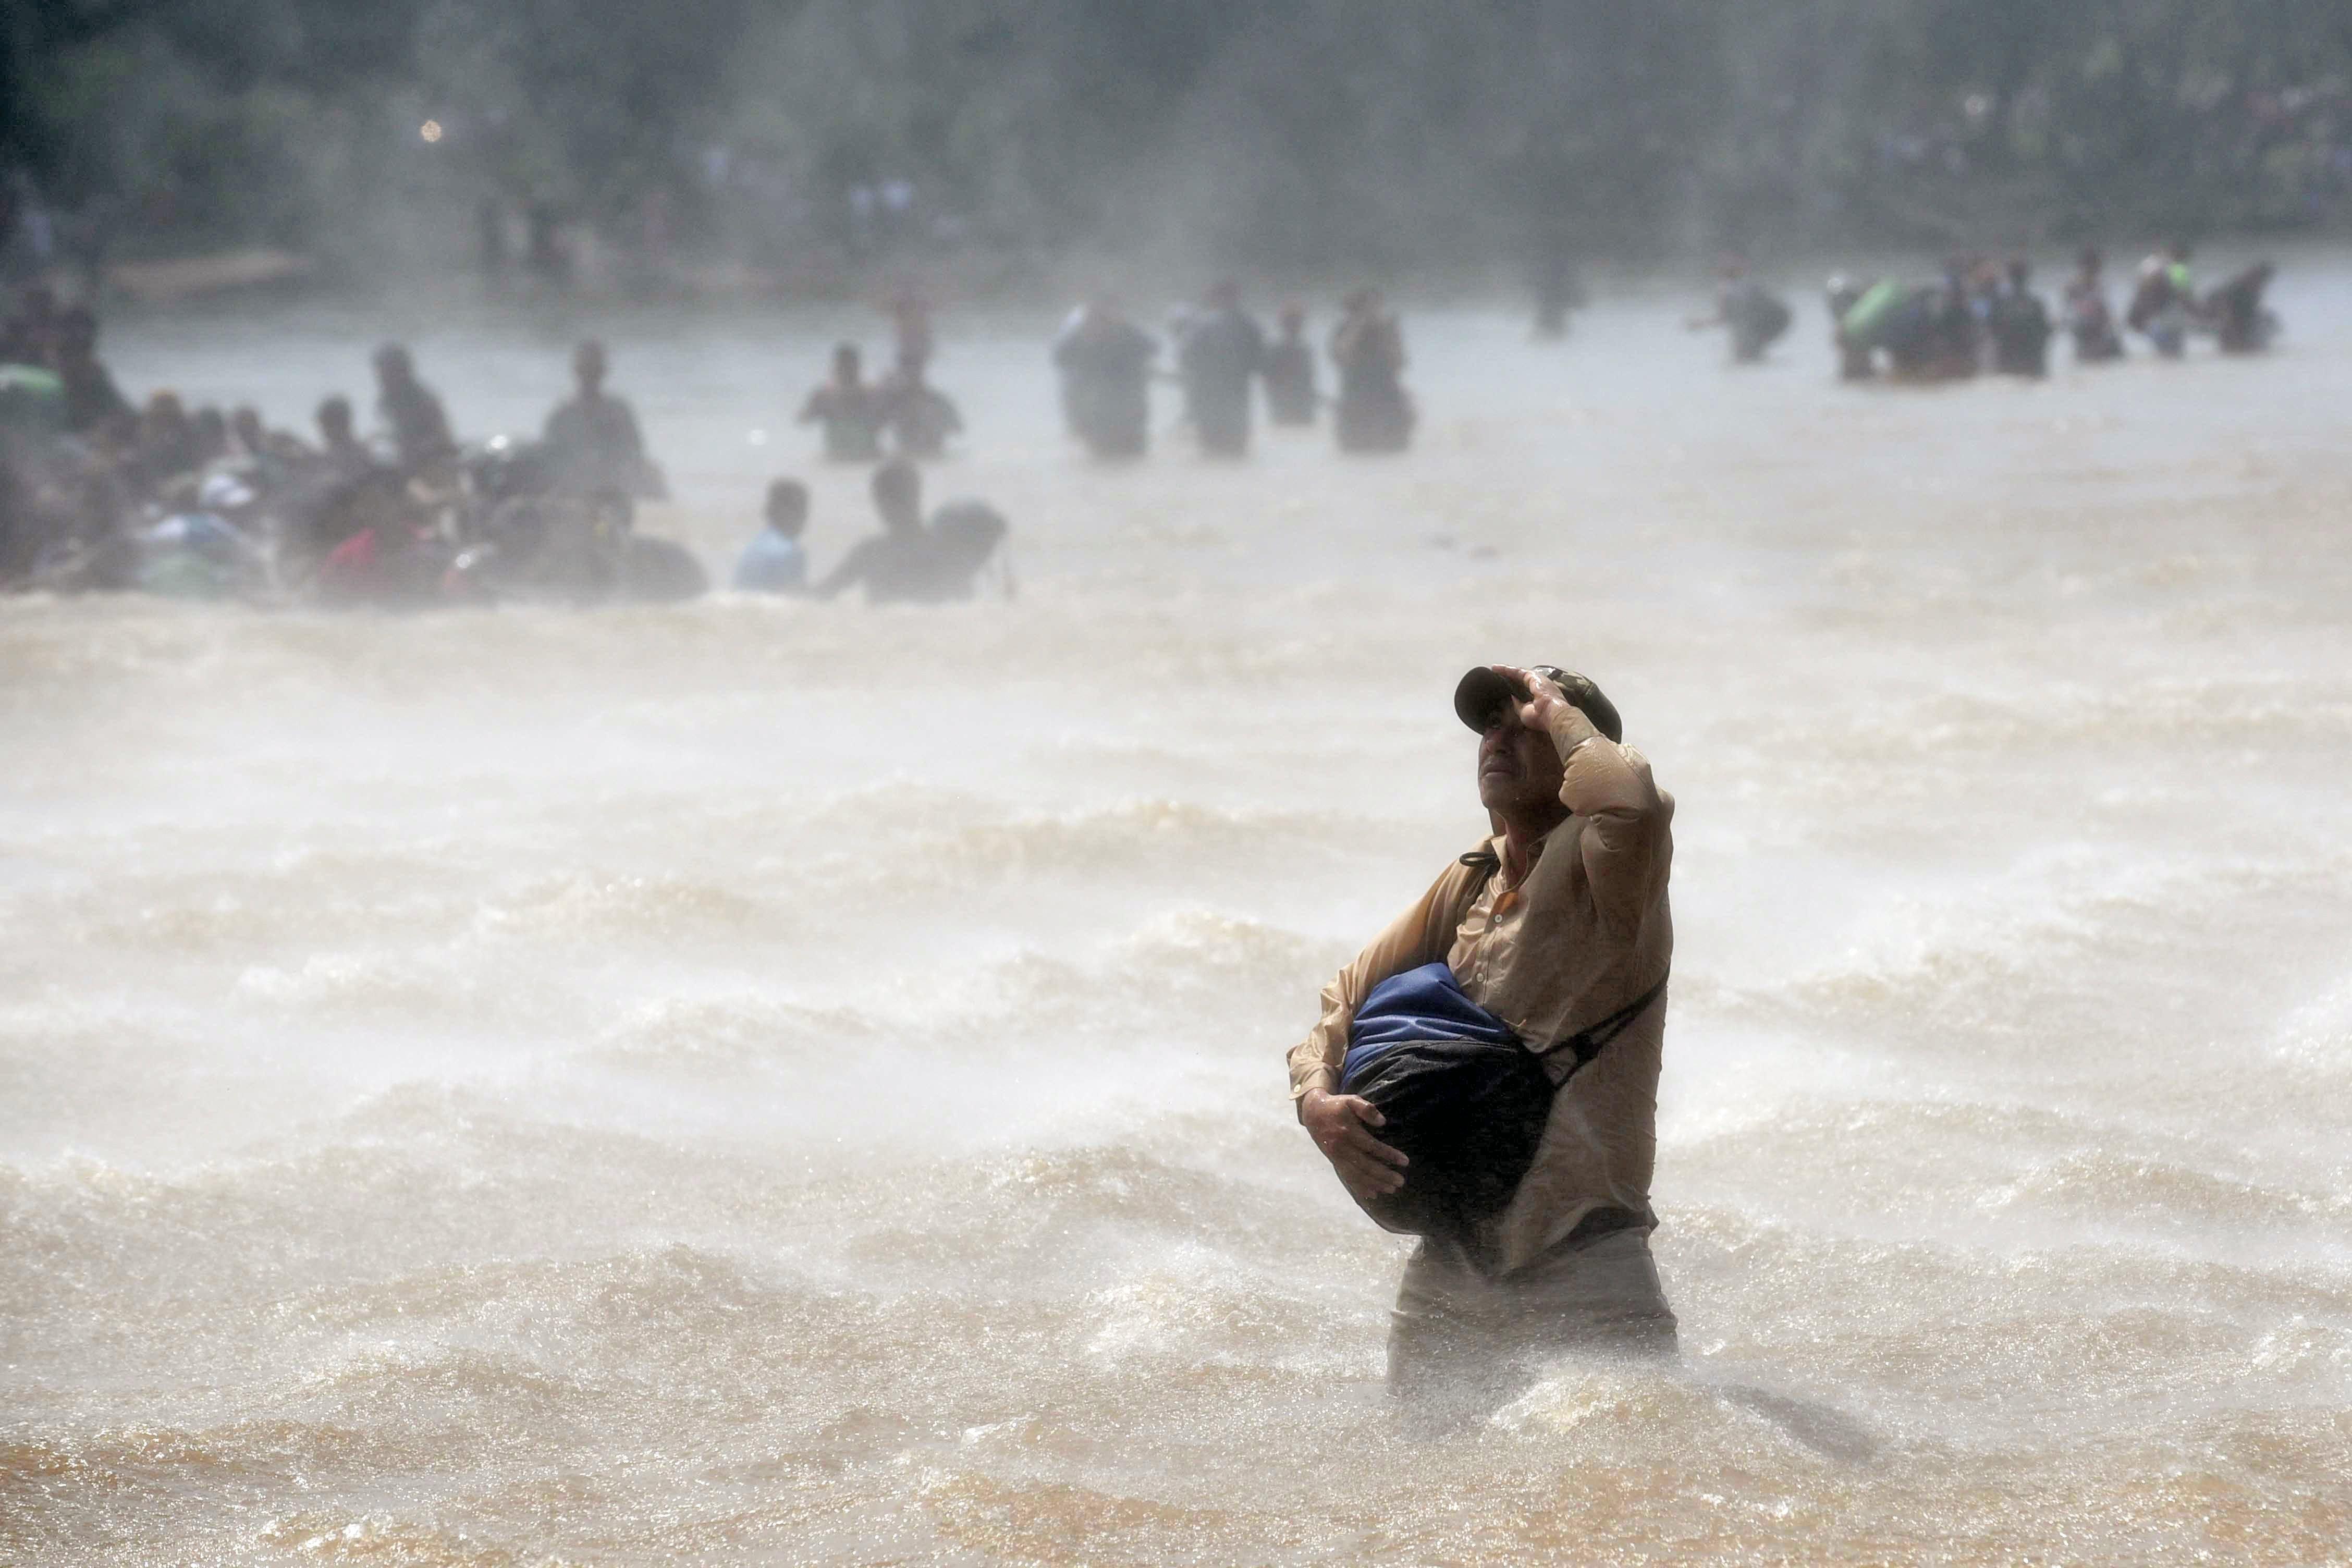 Μέσα από τα ορμητικά νερά ποταμού συνεχίζουν το ταξίδι τους για τις ΗΠΑ εκατοντάδες μετανάστες από την Ονδούρα